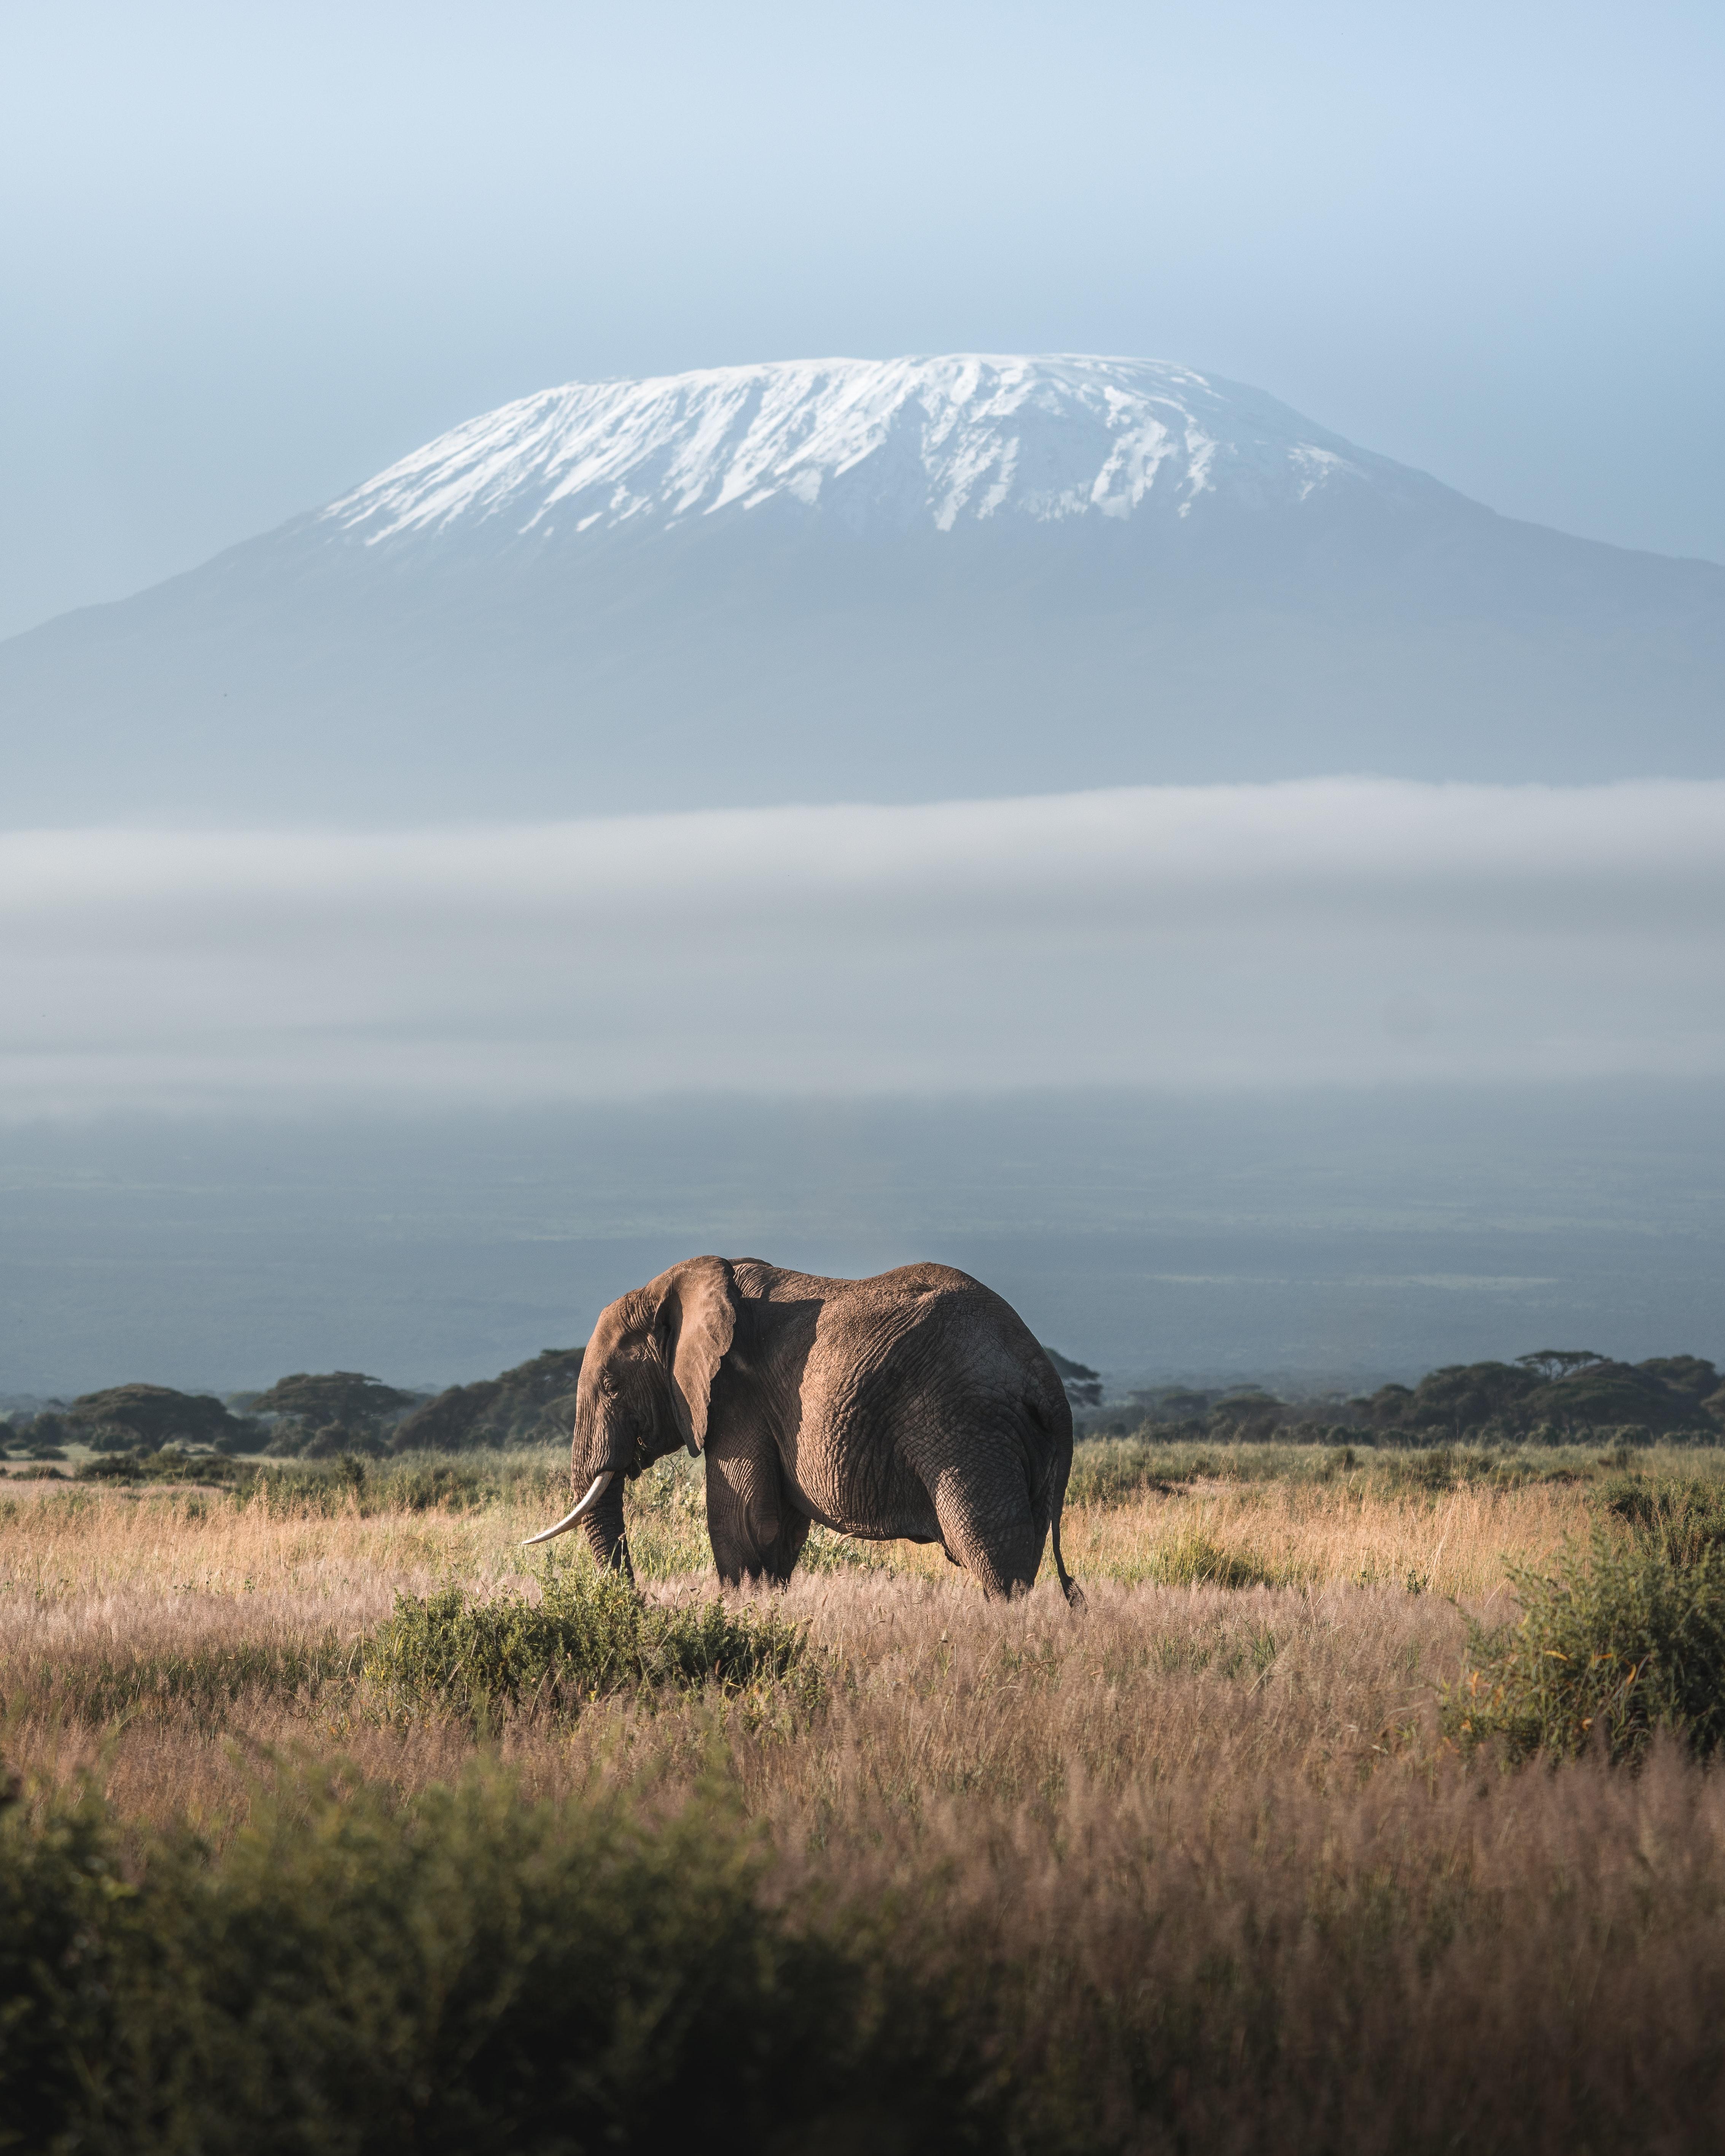 Скачать картинку Дикая Природа, Животное, Слон, Животные, Гора, Саванна в телефон бесплатно.